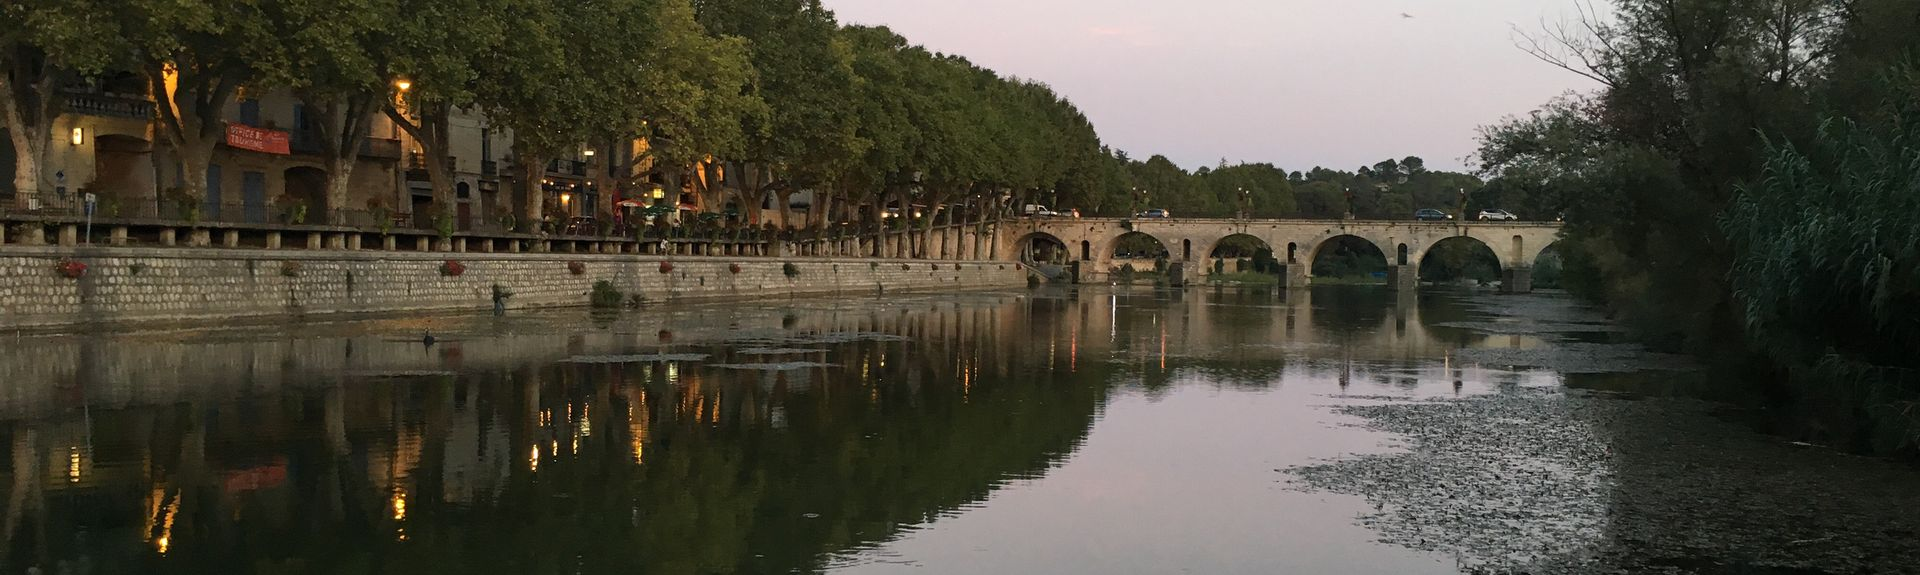 Aubais, Occitanie, France